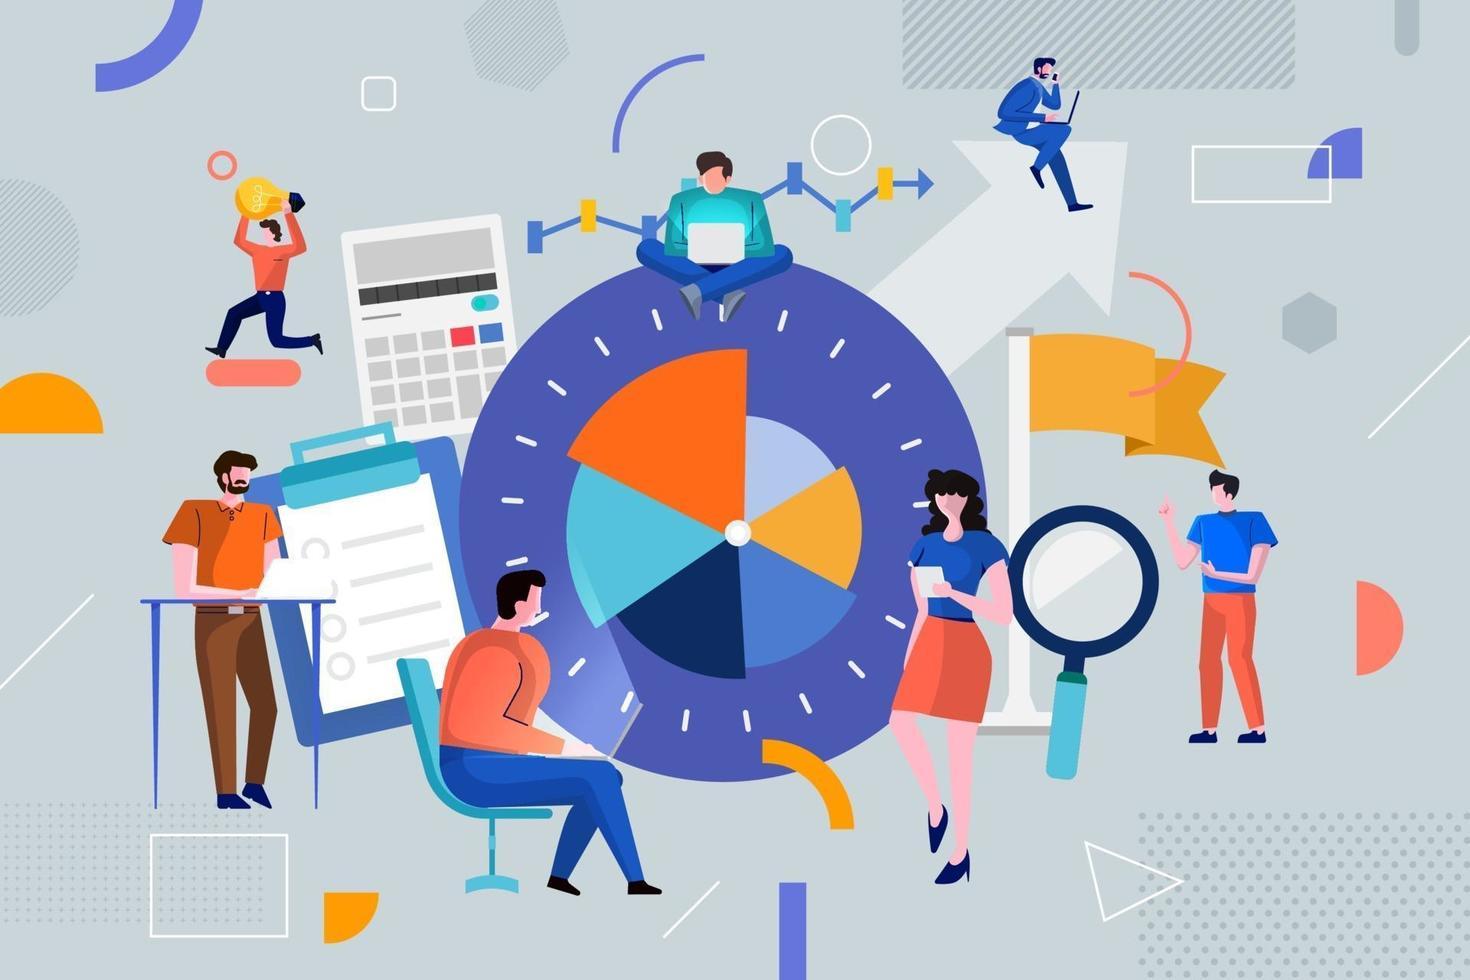 färgglatt team av människor som arbetar tillsammans och tjänar pengar i affärer vektor